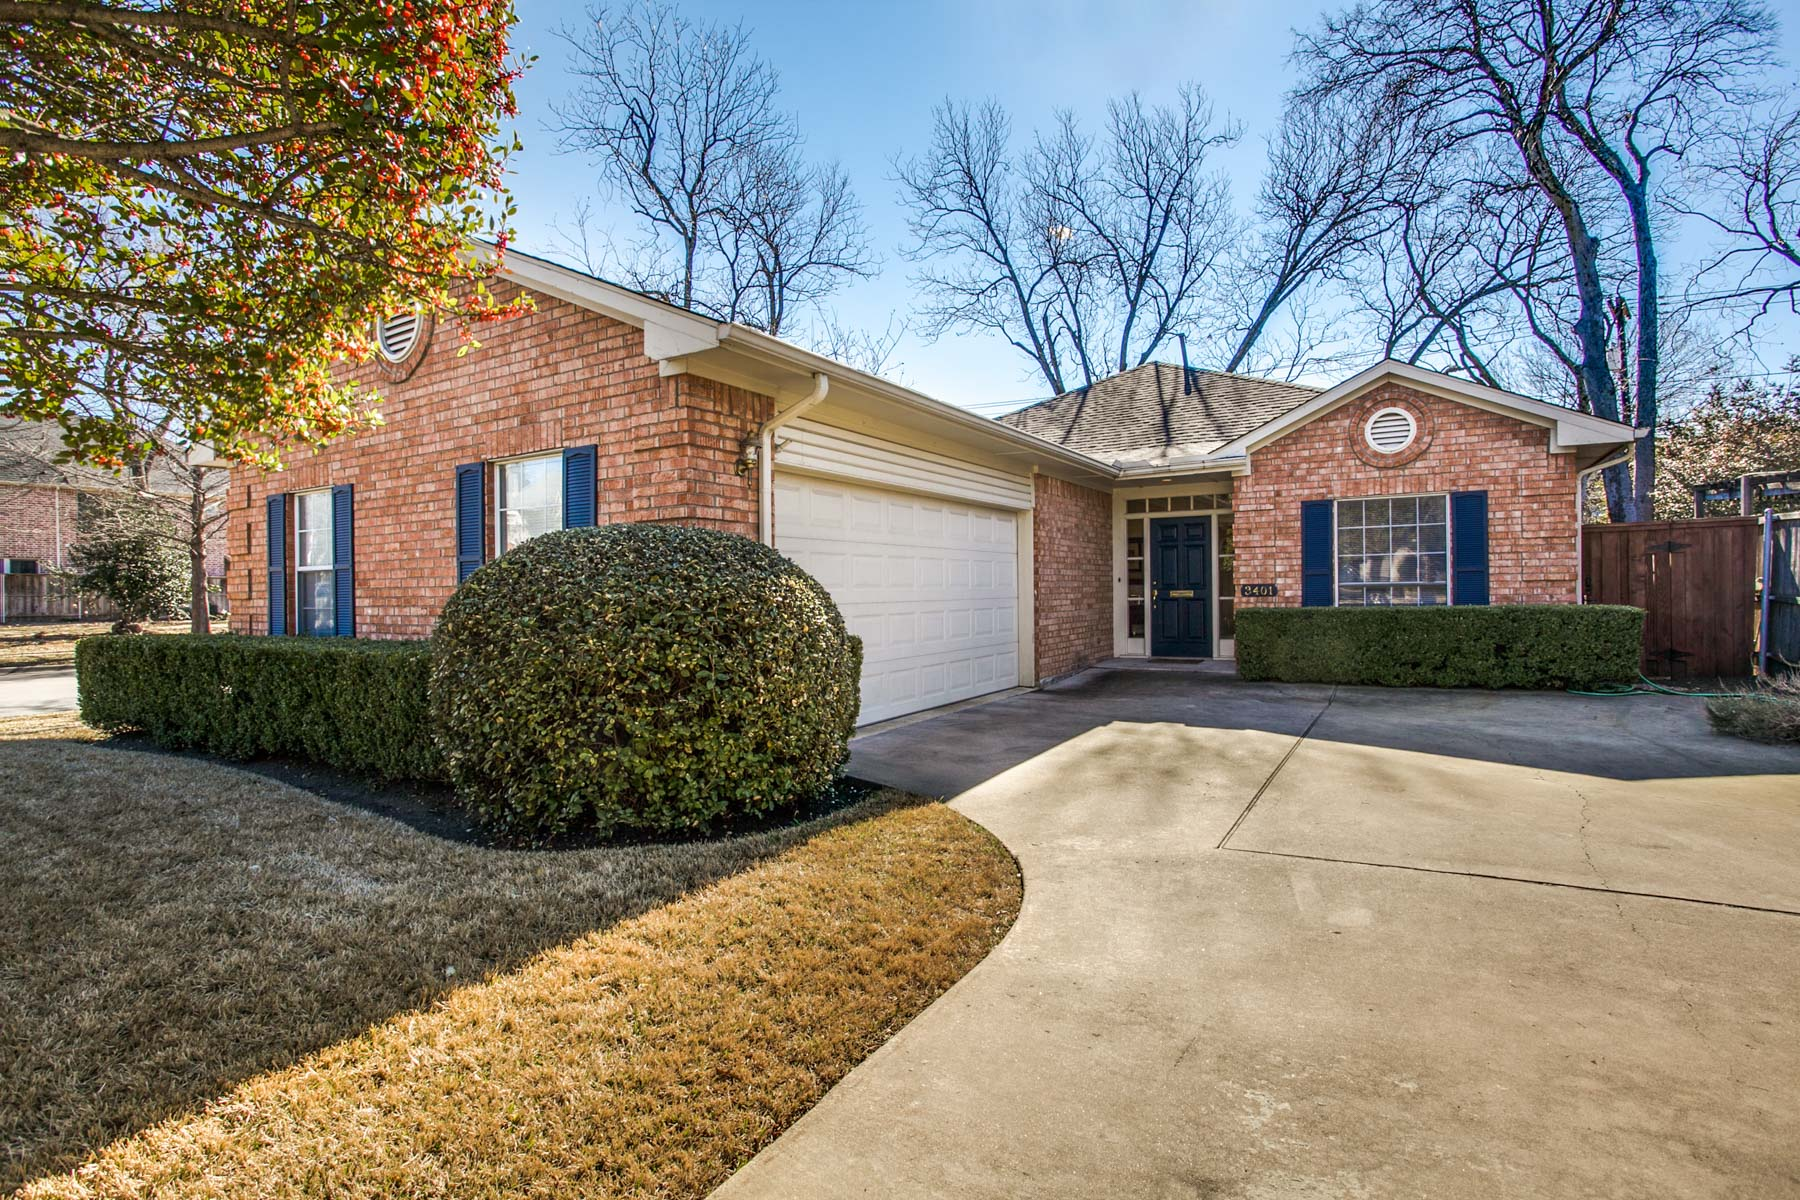 Villa per Vendita alle ore 3401 Amherst Ave, Dallas Dallas, Texas, 75225 Stati Uniti